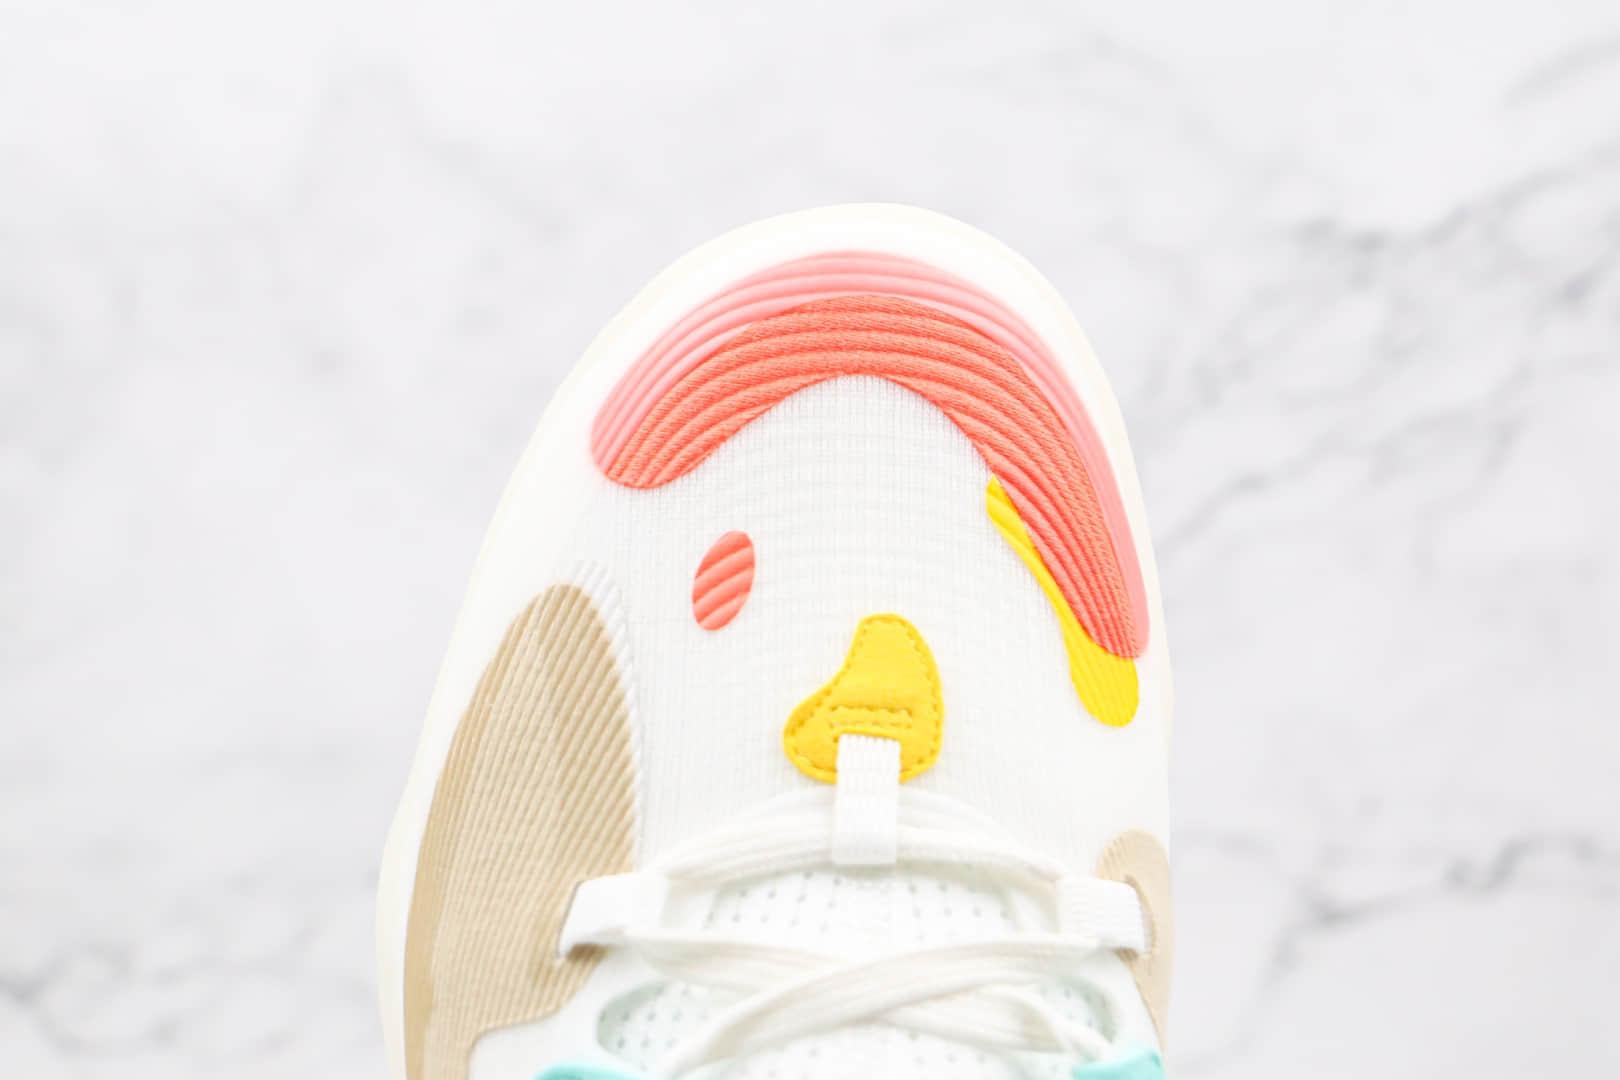 阿迪达斯Adidas Harden Vol.5 Gca纯原版本哈登五代白色多彩实战篮球鞋原档案数据开发 货号:FZ1071